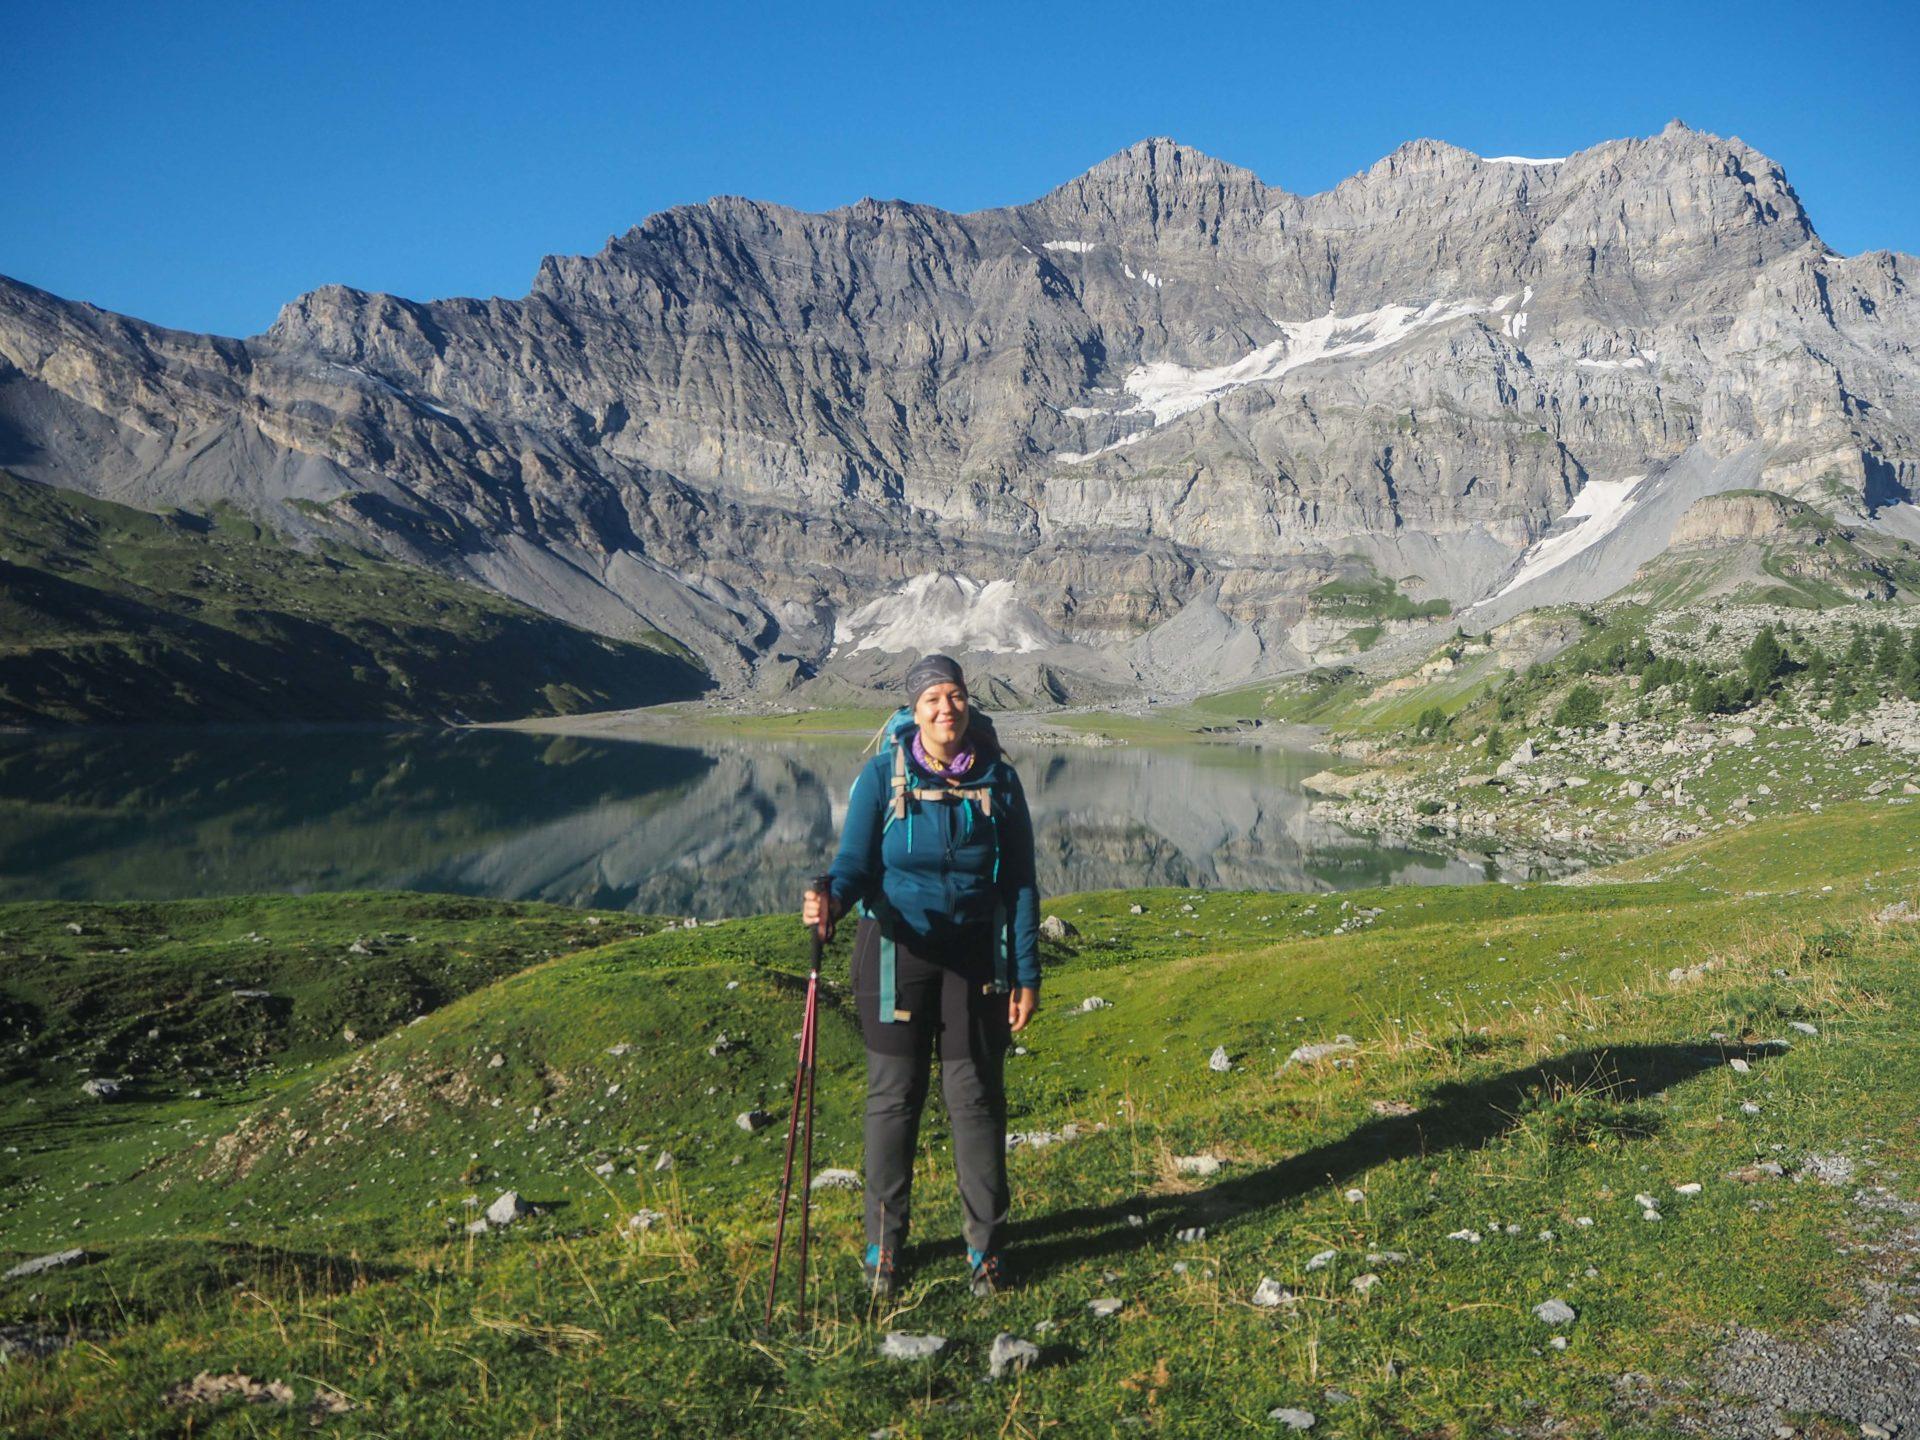 Jour 5 du Tour des Dents du Midi - Faire un trek en solo en Suisse: réflexions, préparatifs, introspection, récupération et bilan